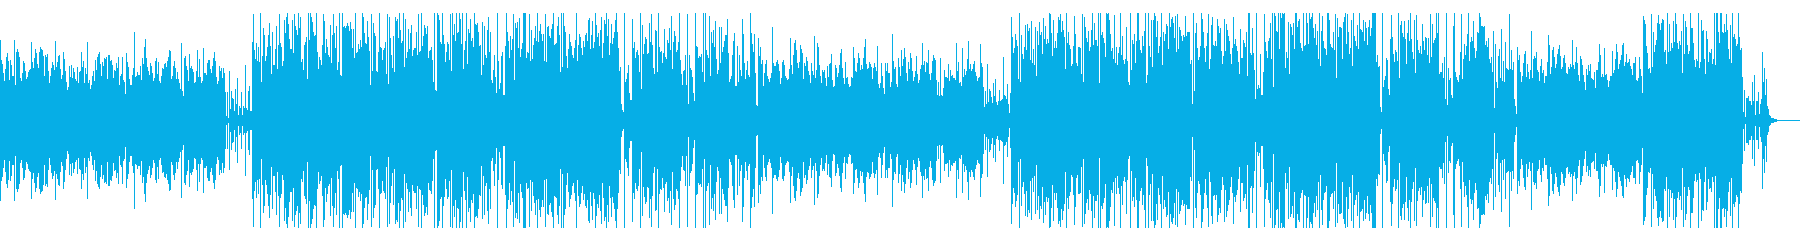 Soyuzの再生済みの波形